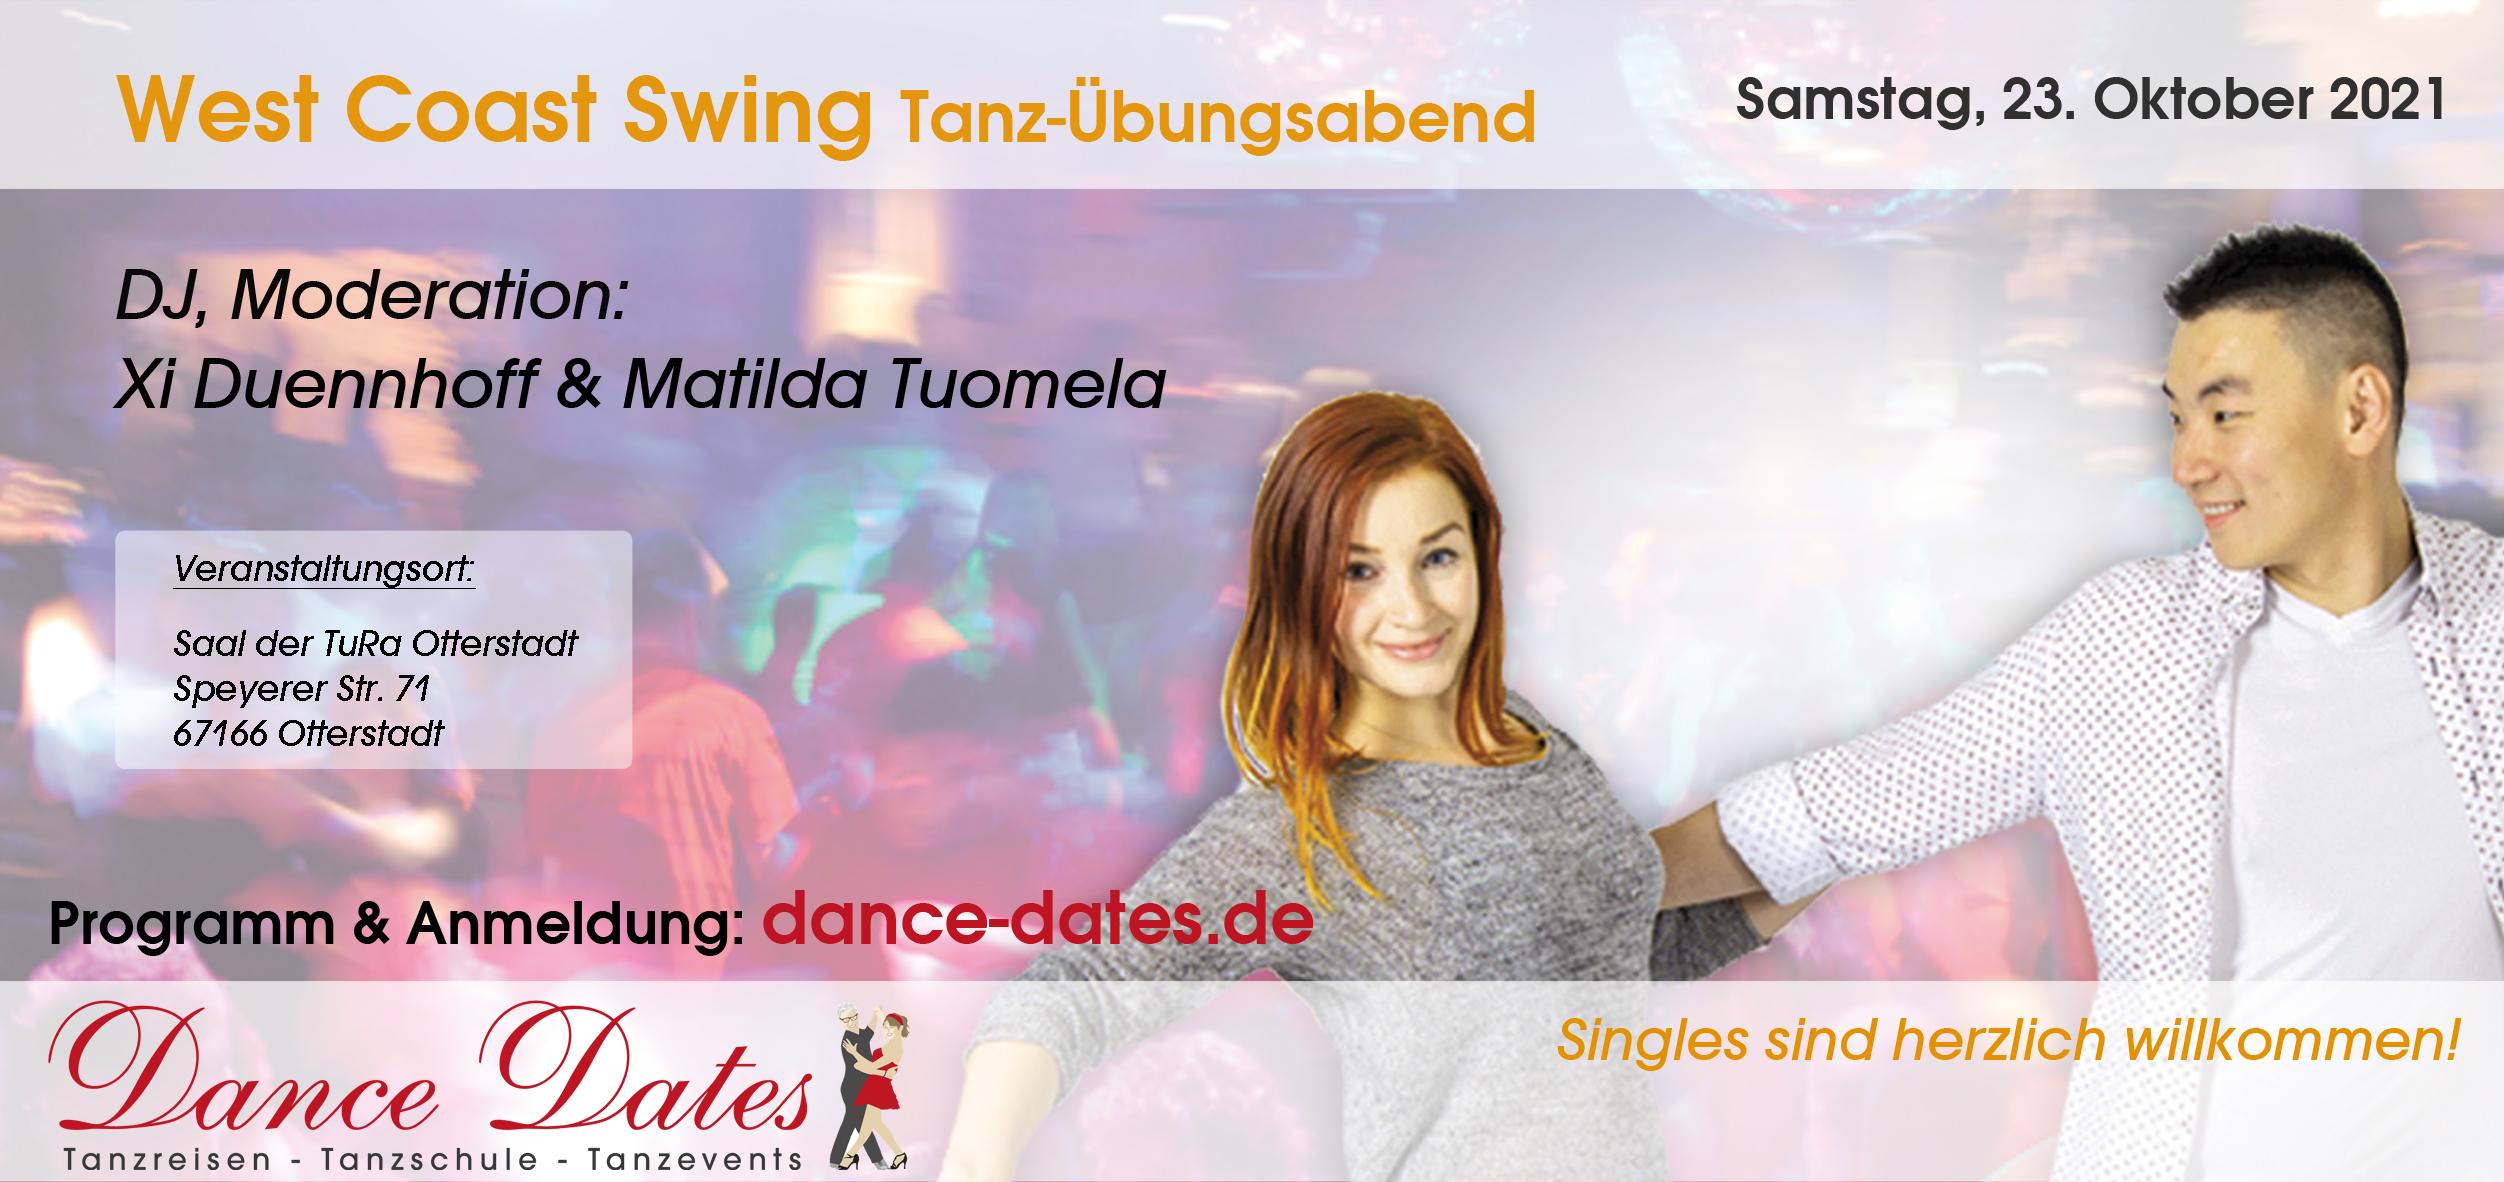 West Coast Swing Tanz-Übungsabend in Otterstadt